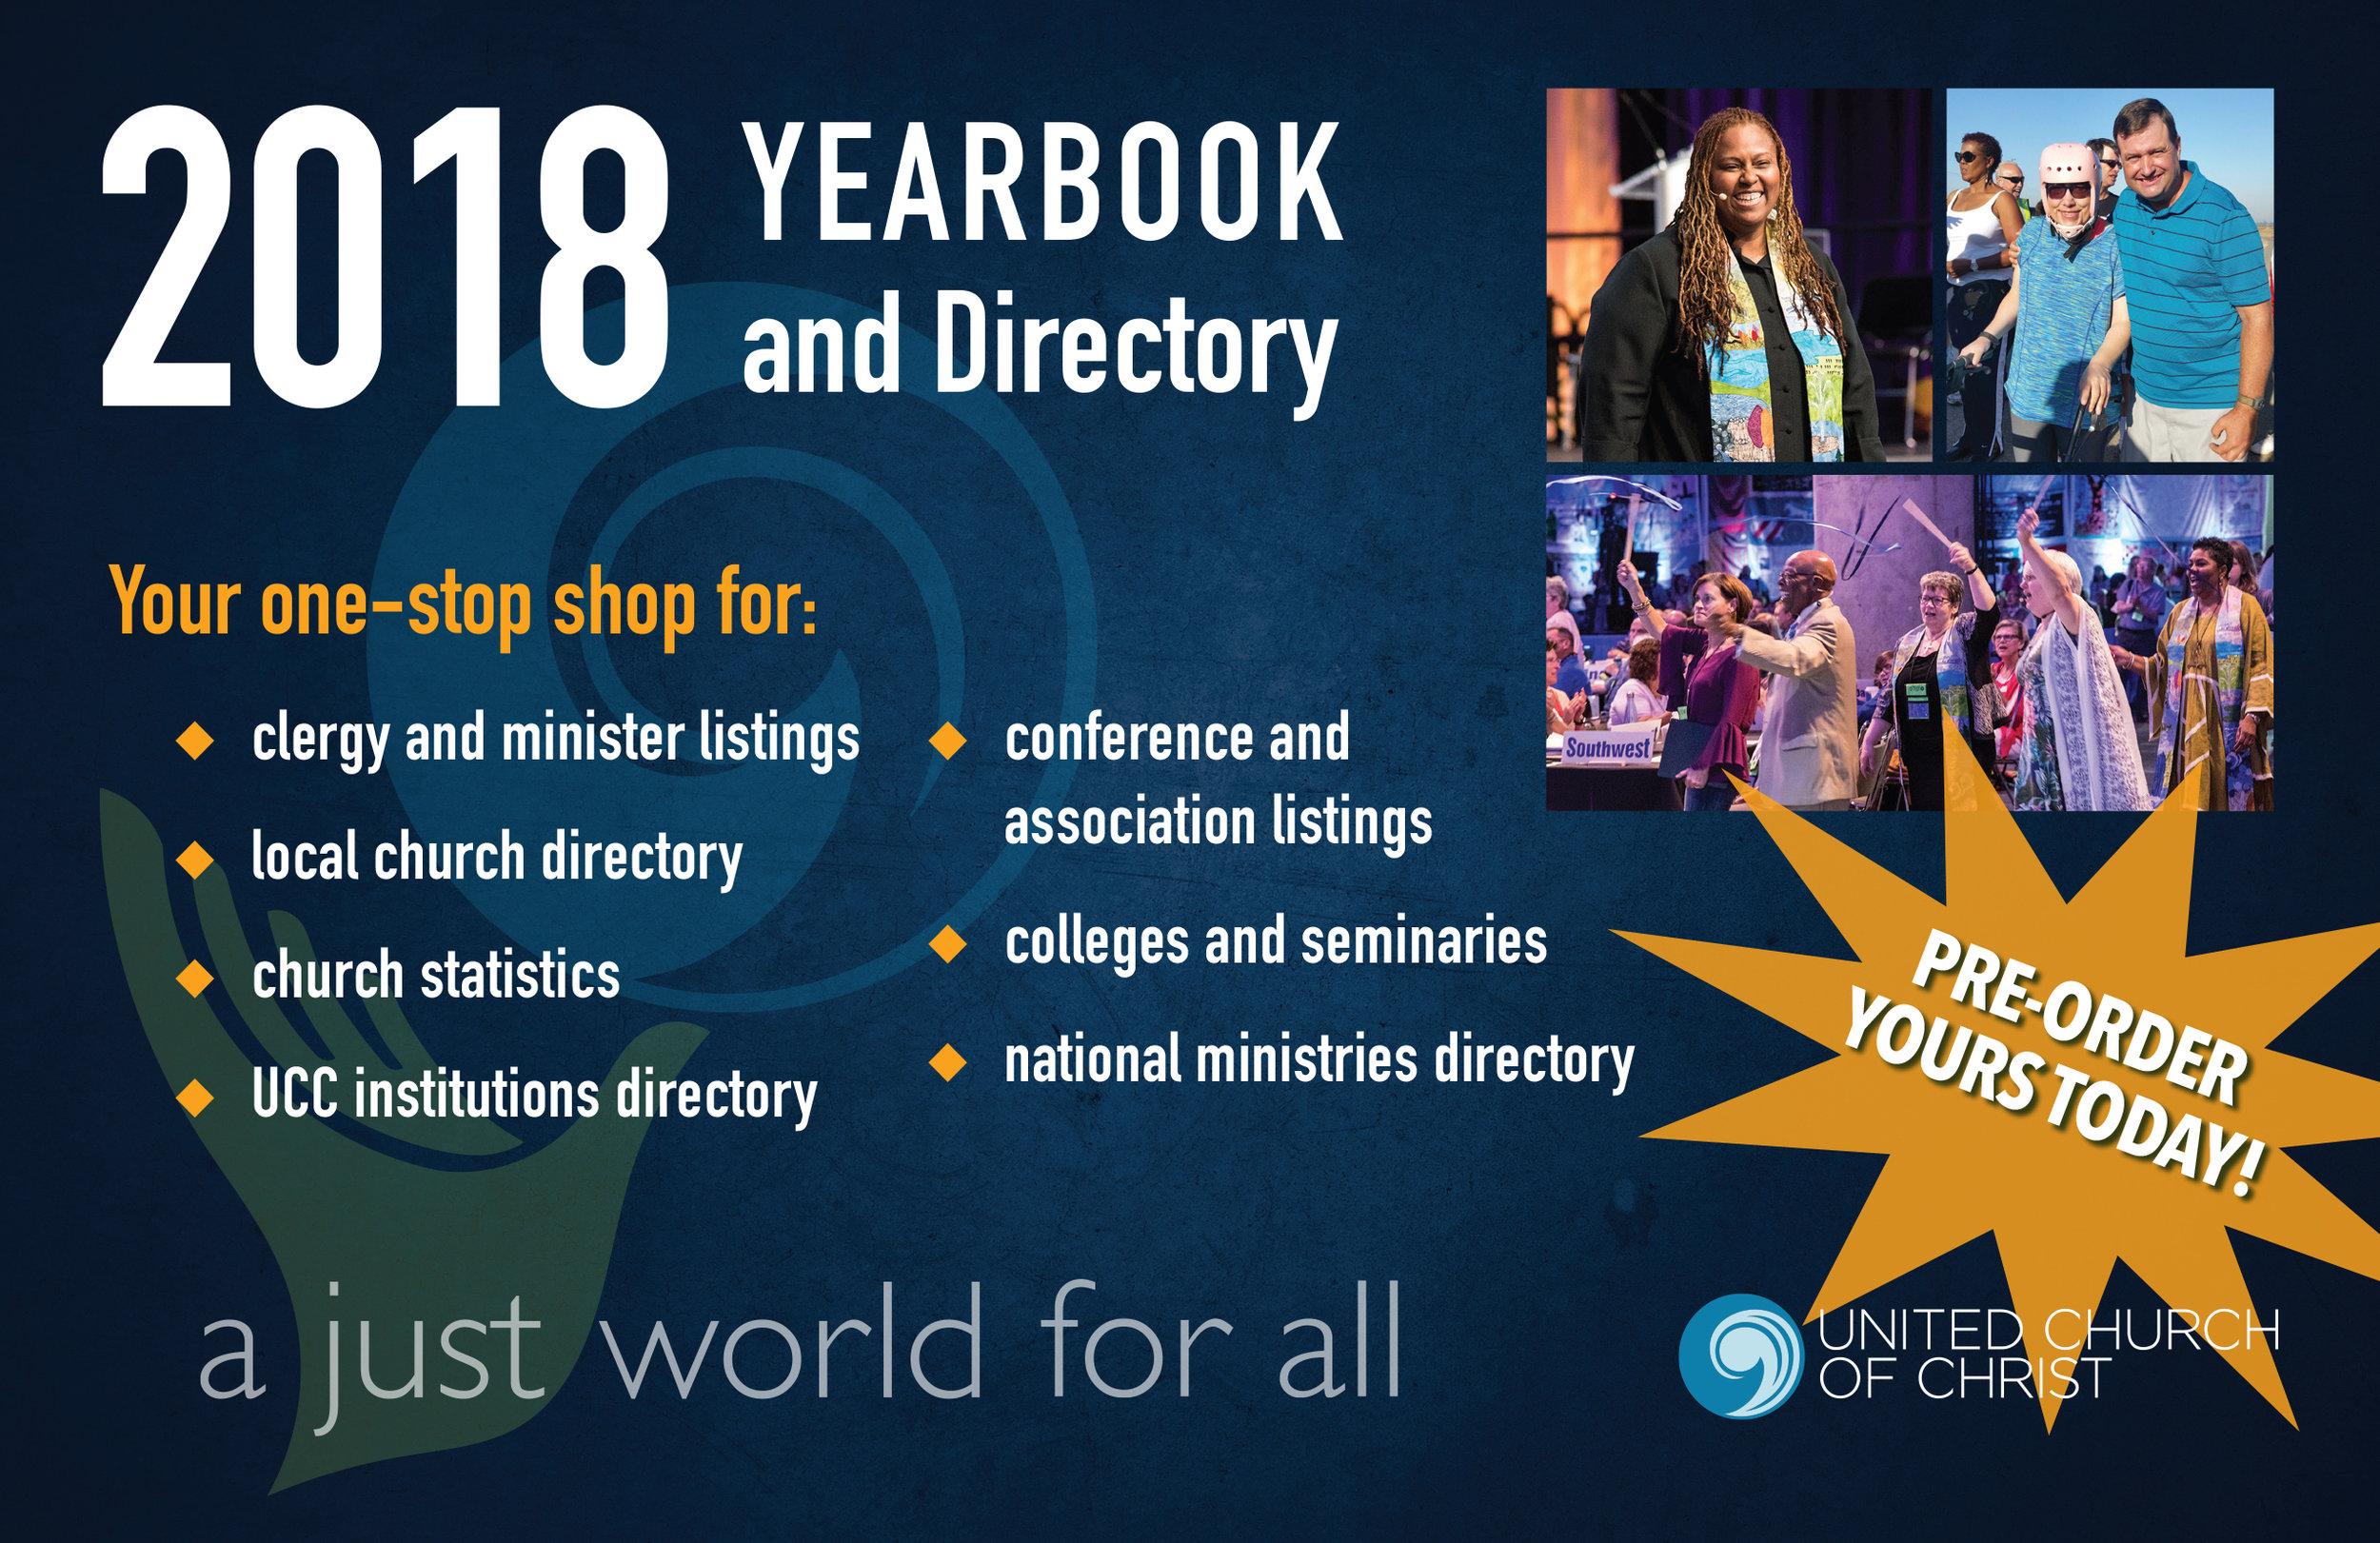 yearbookpostcard1.jpg